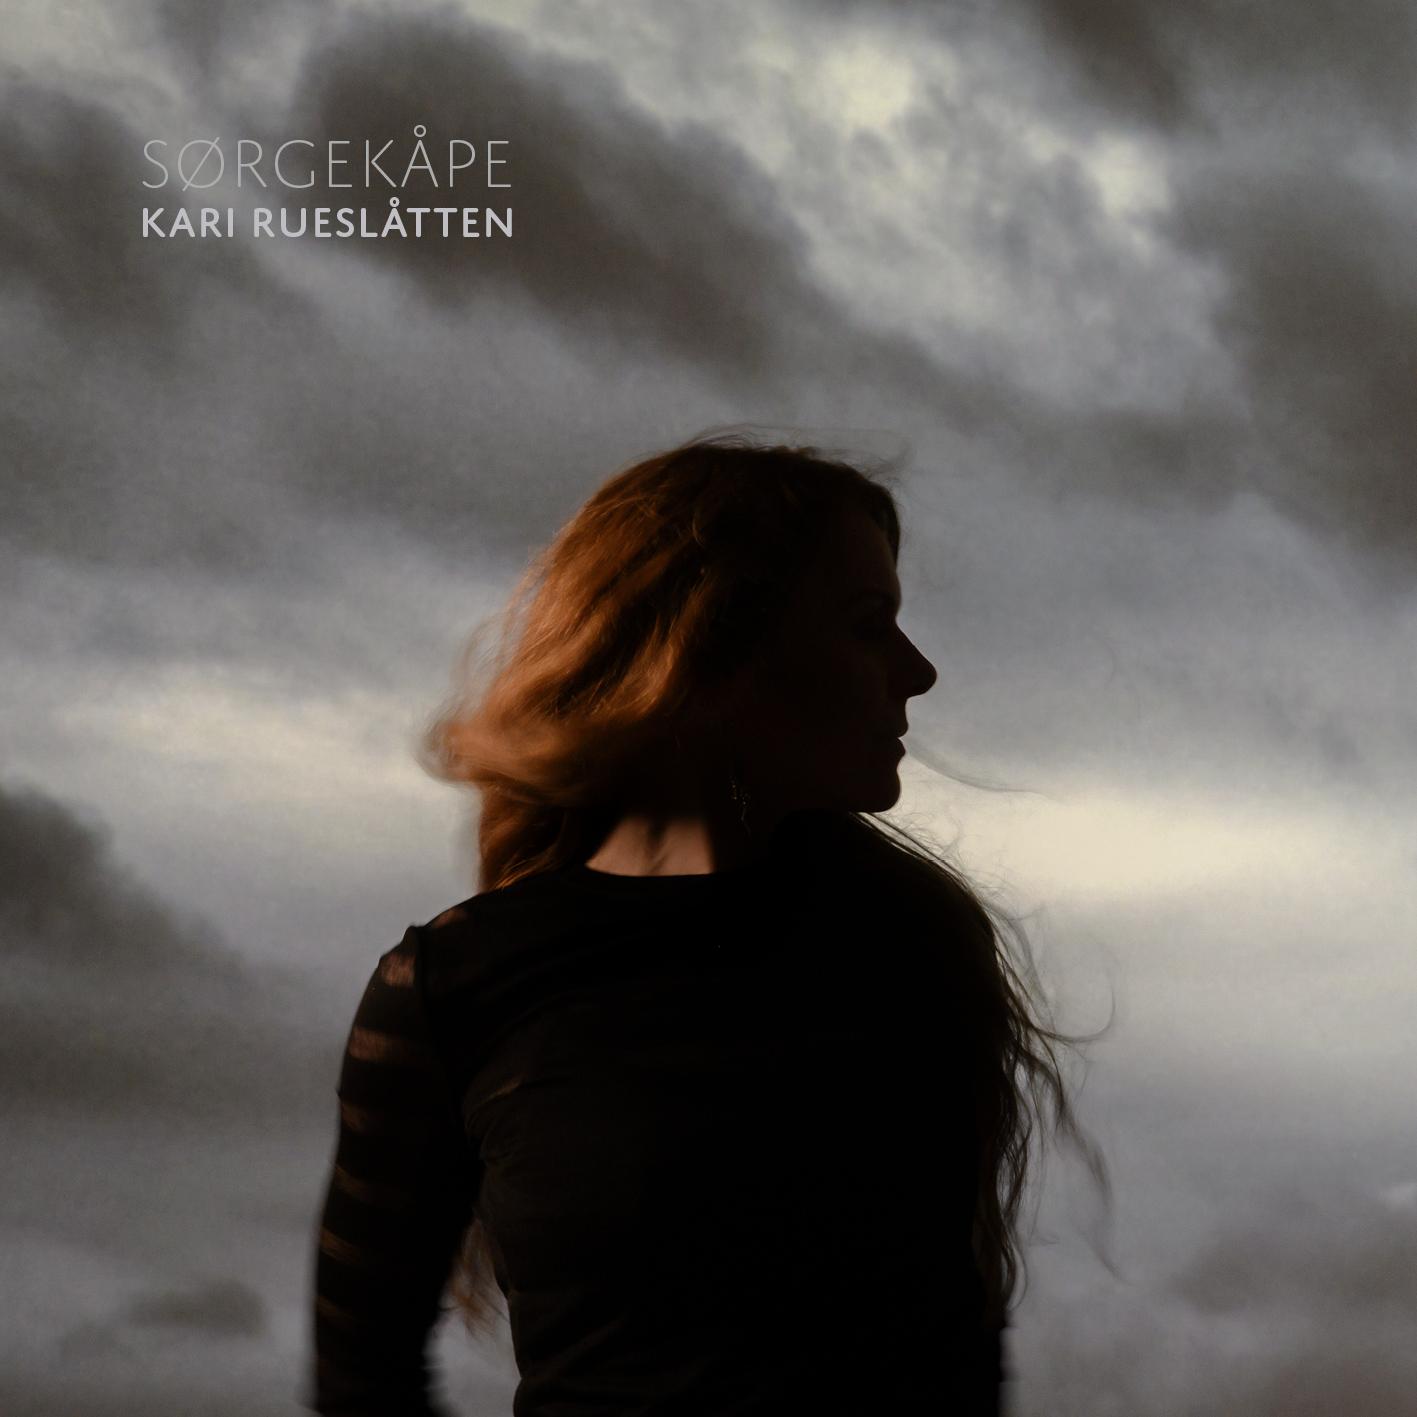 Kari Rueslåtten – Sørgekåpe [LP]